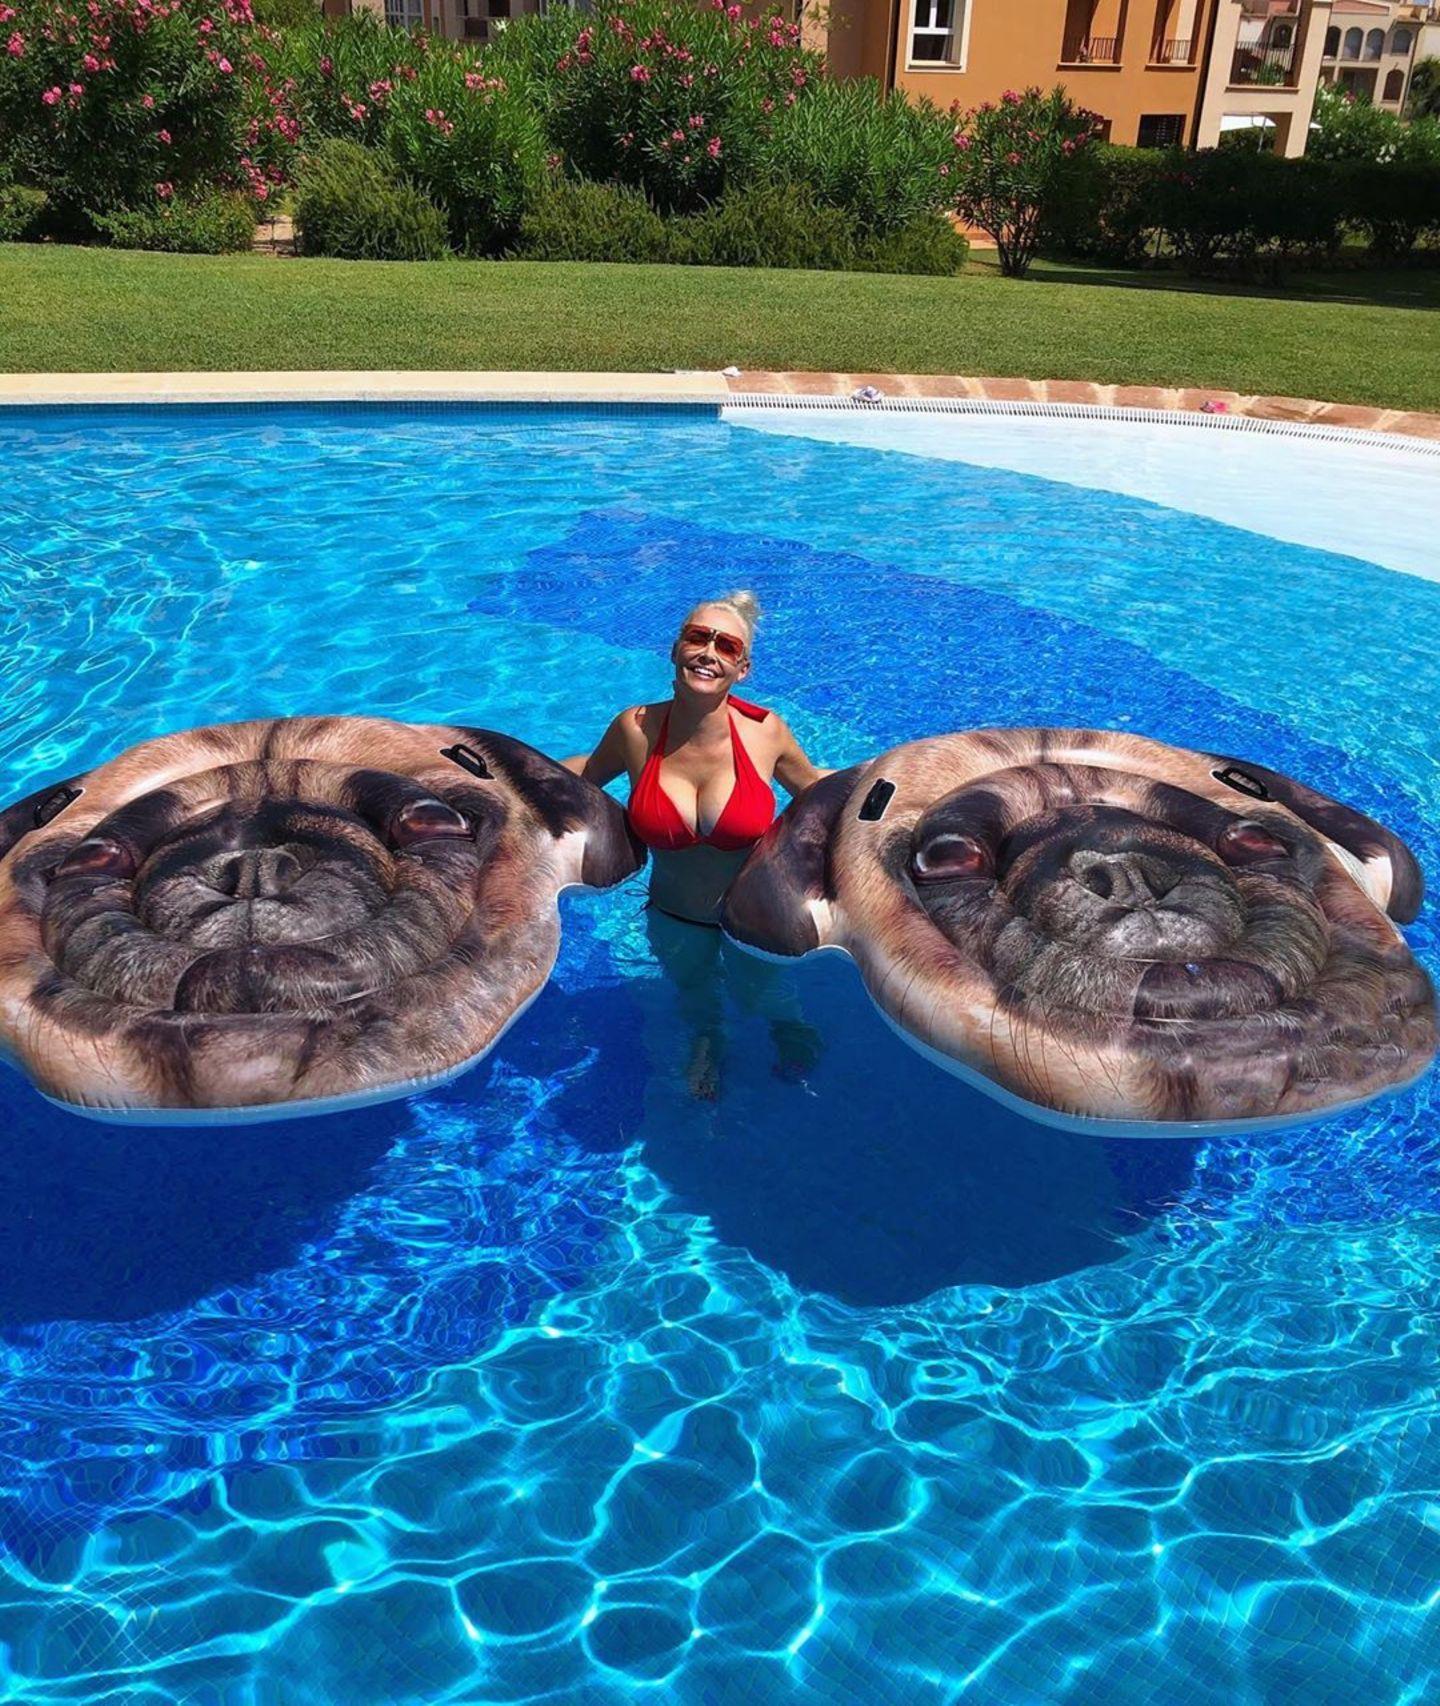 """""""Manchmal braucht man 2 Möpse, die dich über Wasser halten. Früher Lebensmotto, heute sind wirklich nur die Luftmatratzen gemeint"""", schreibt Daniela Katzenberger auf Instagram. Zu sehen ist die Kult-Blondine im knappen Bikini im Pool. An ihrer Seite hat sie zwei Mops-Luftmatratzen, die den witzigen Post erklären."""